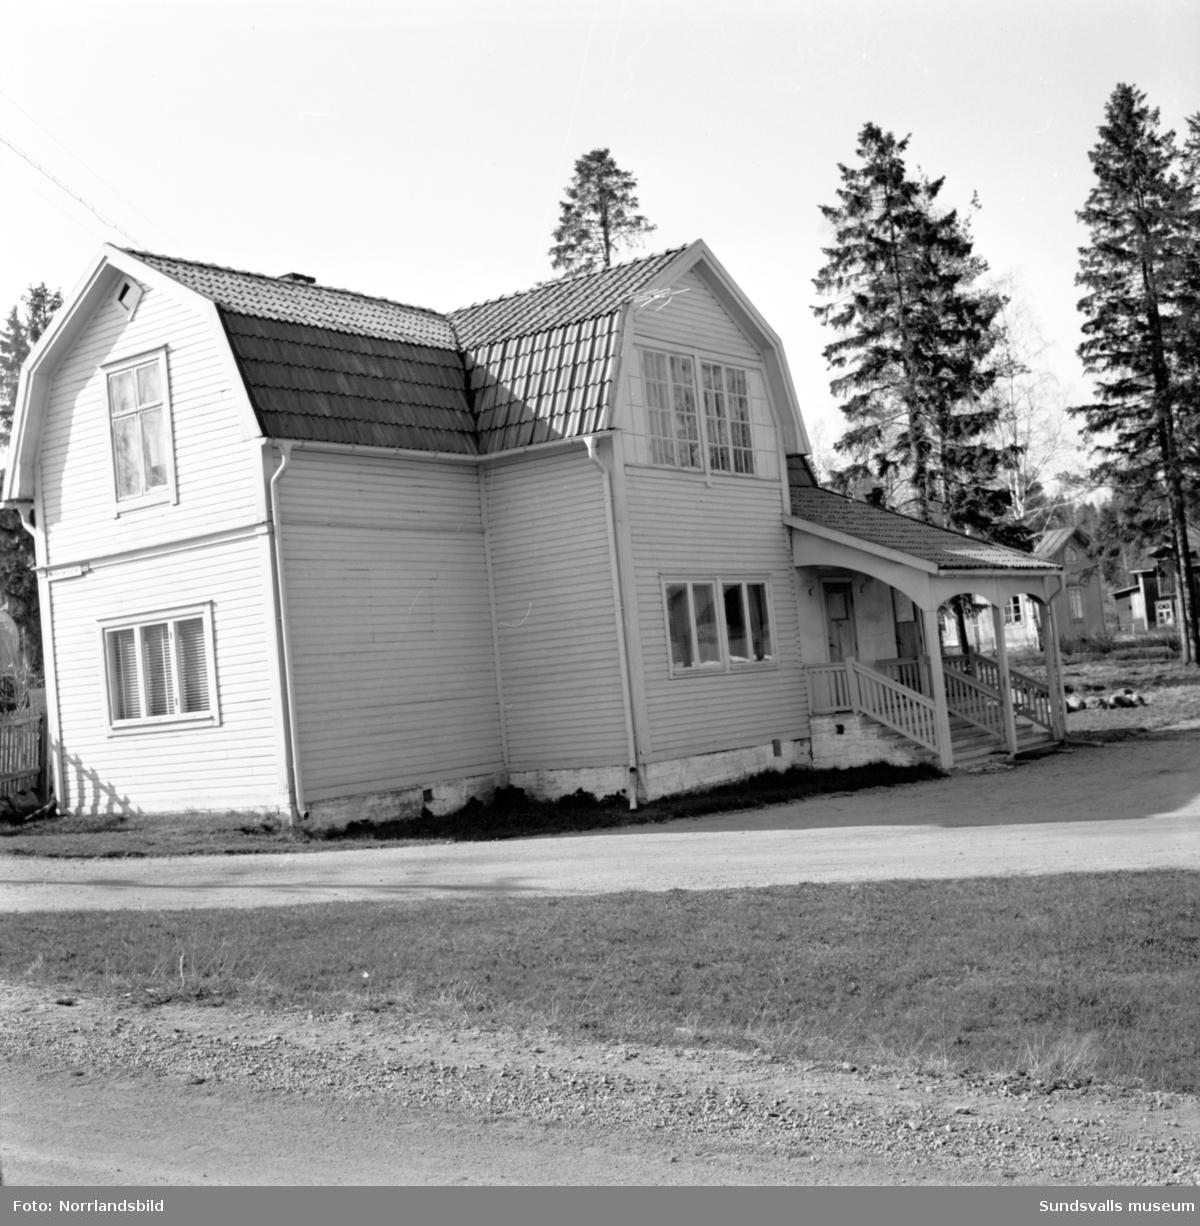 Slaktare J. P. Mobergs ena hus vid Medborgargatan 13 (Riddargatan) i västra Skönsberg. Huset låg precis i korsningen med Krönvägen. Här och på granntomten (15) drevs slakteri och åkeri.